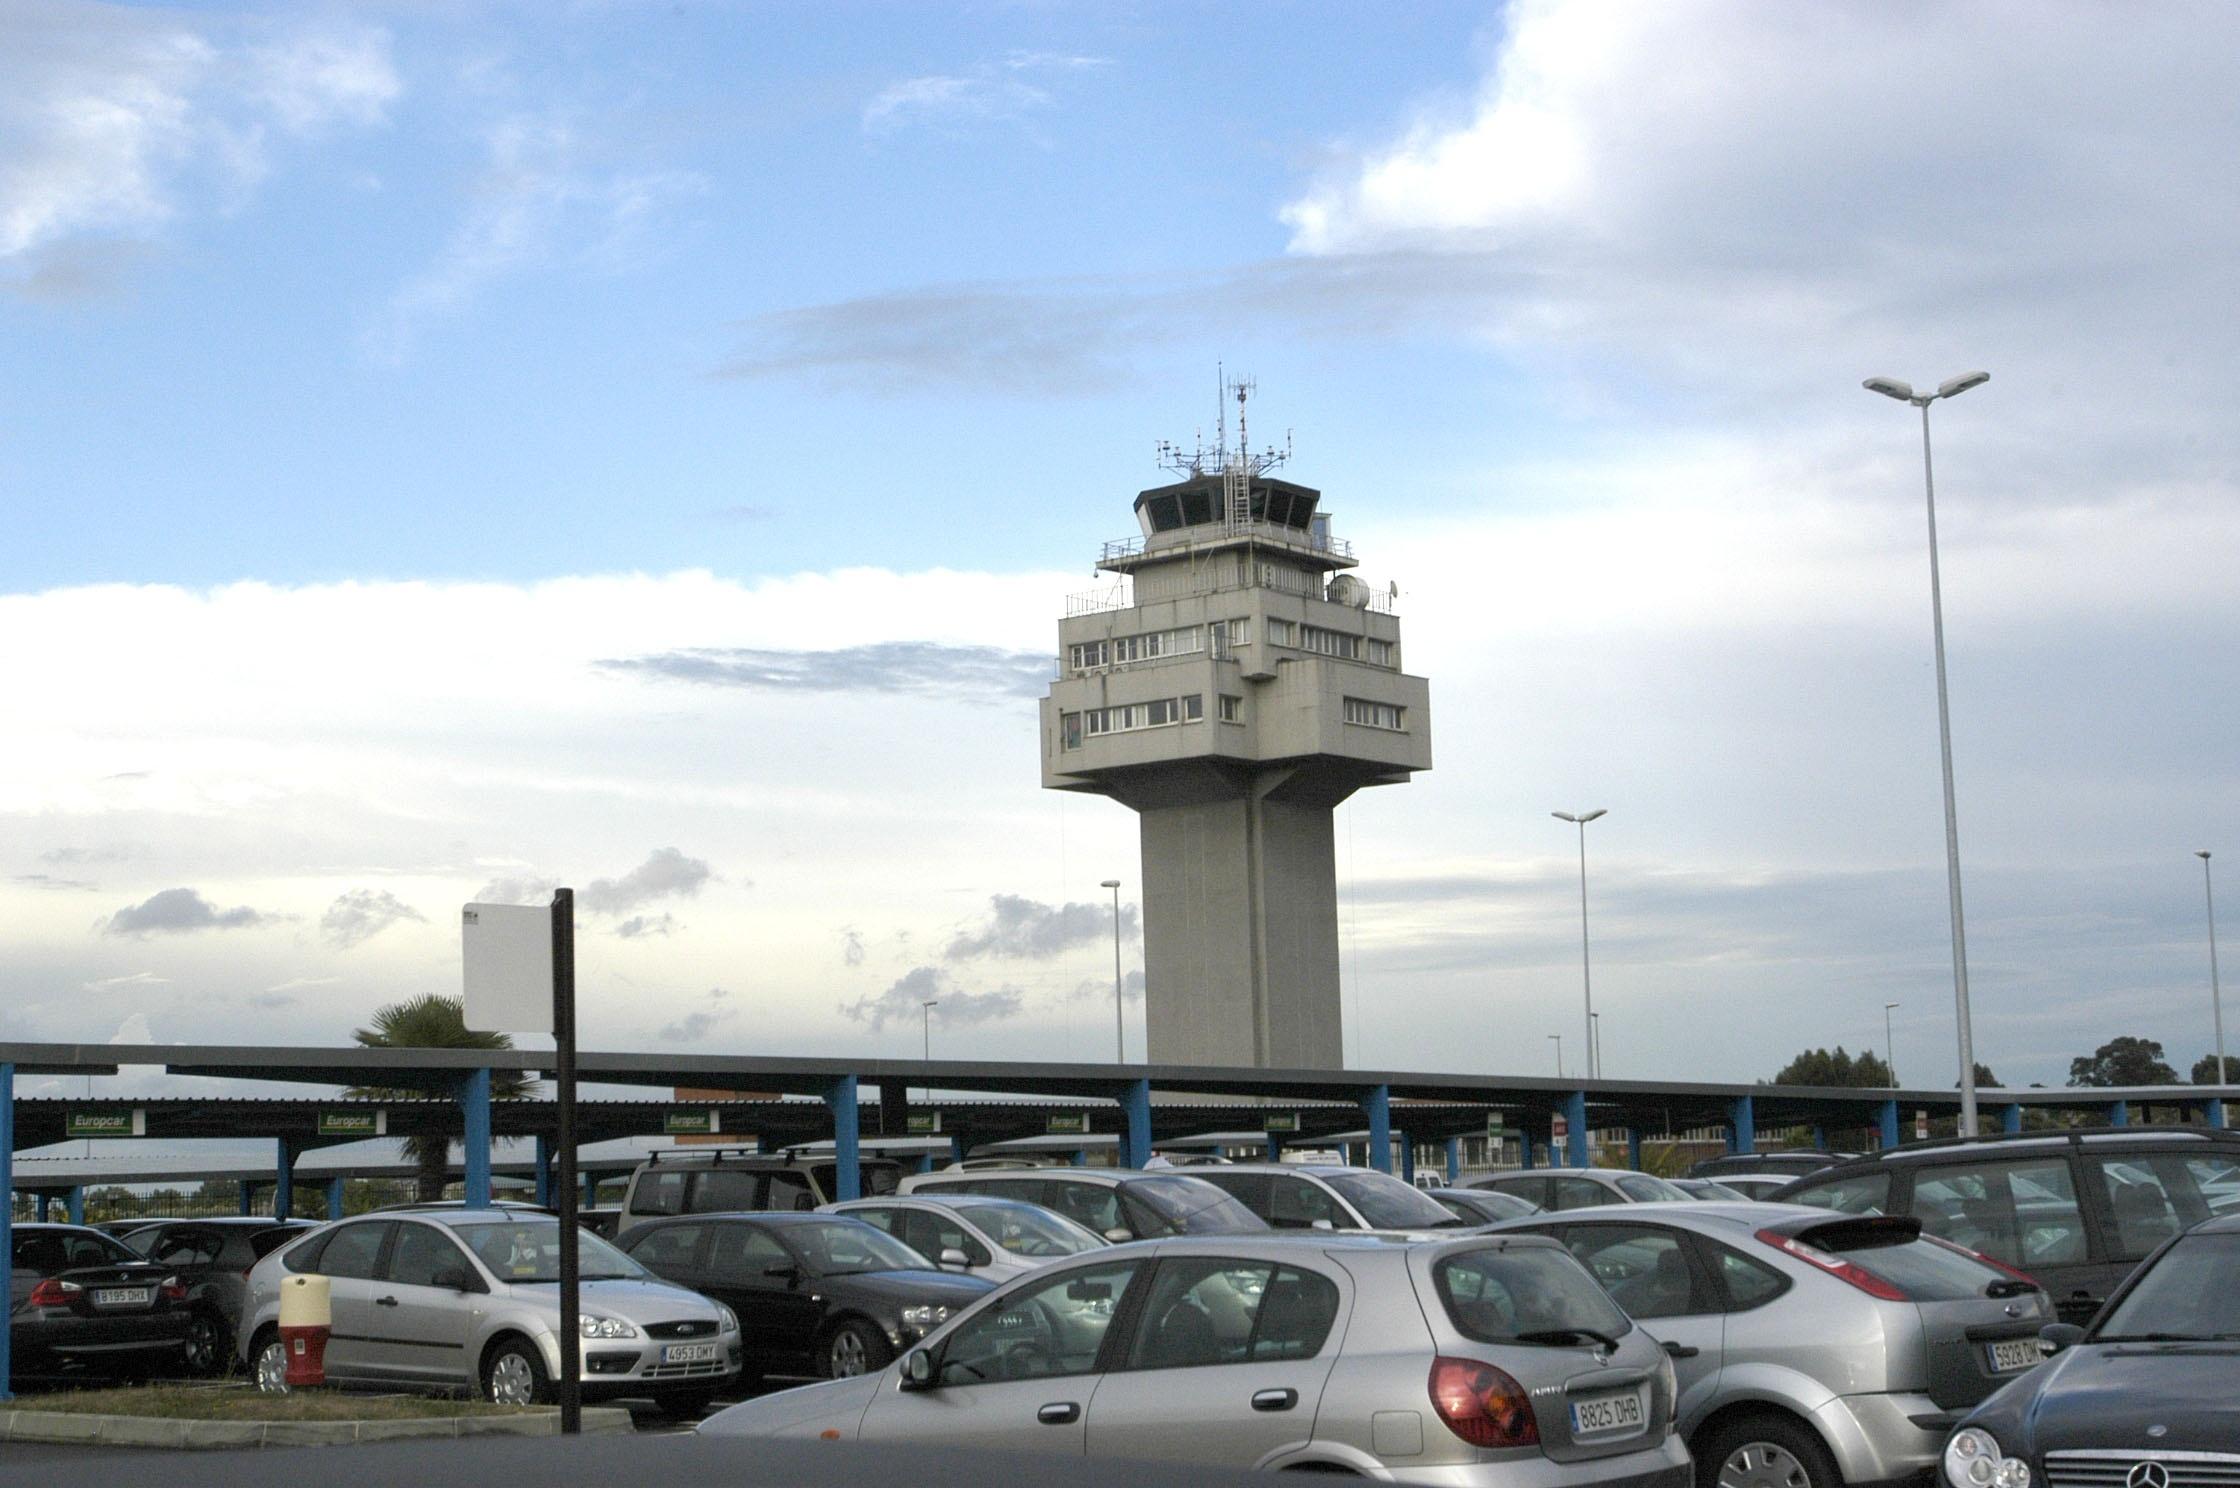 El viento obliga a desviar a Valladolid un vuelo de Santander a Madrid y otro de Barajas a Parayas